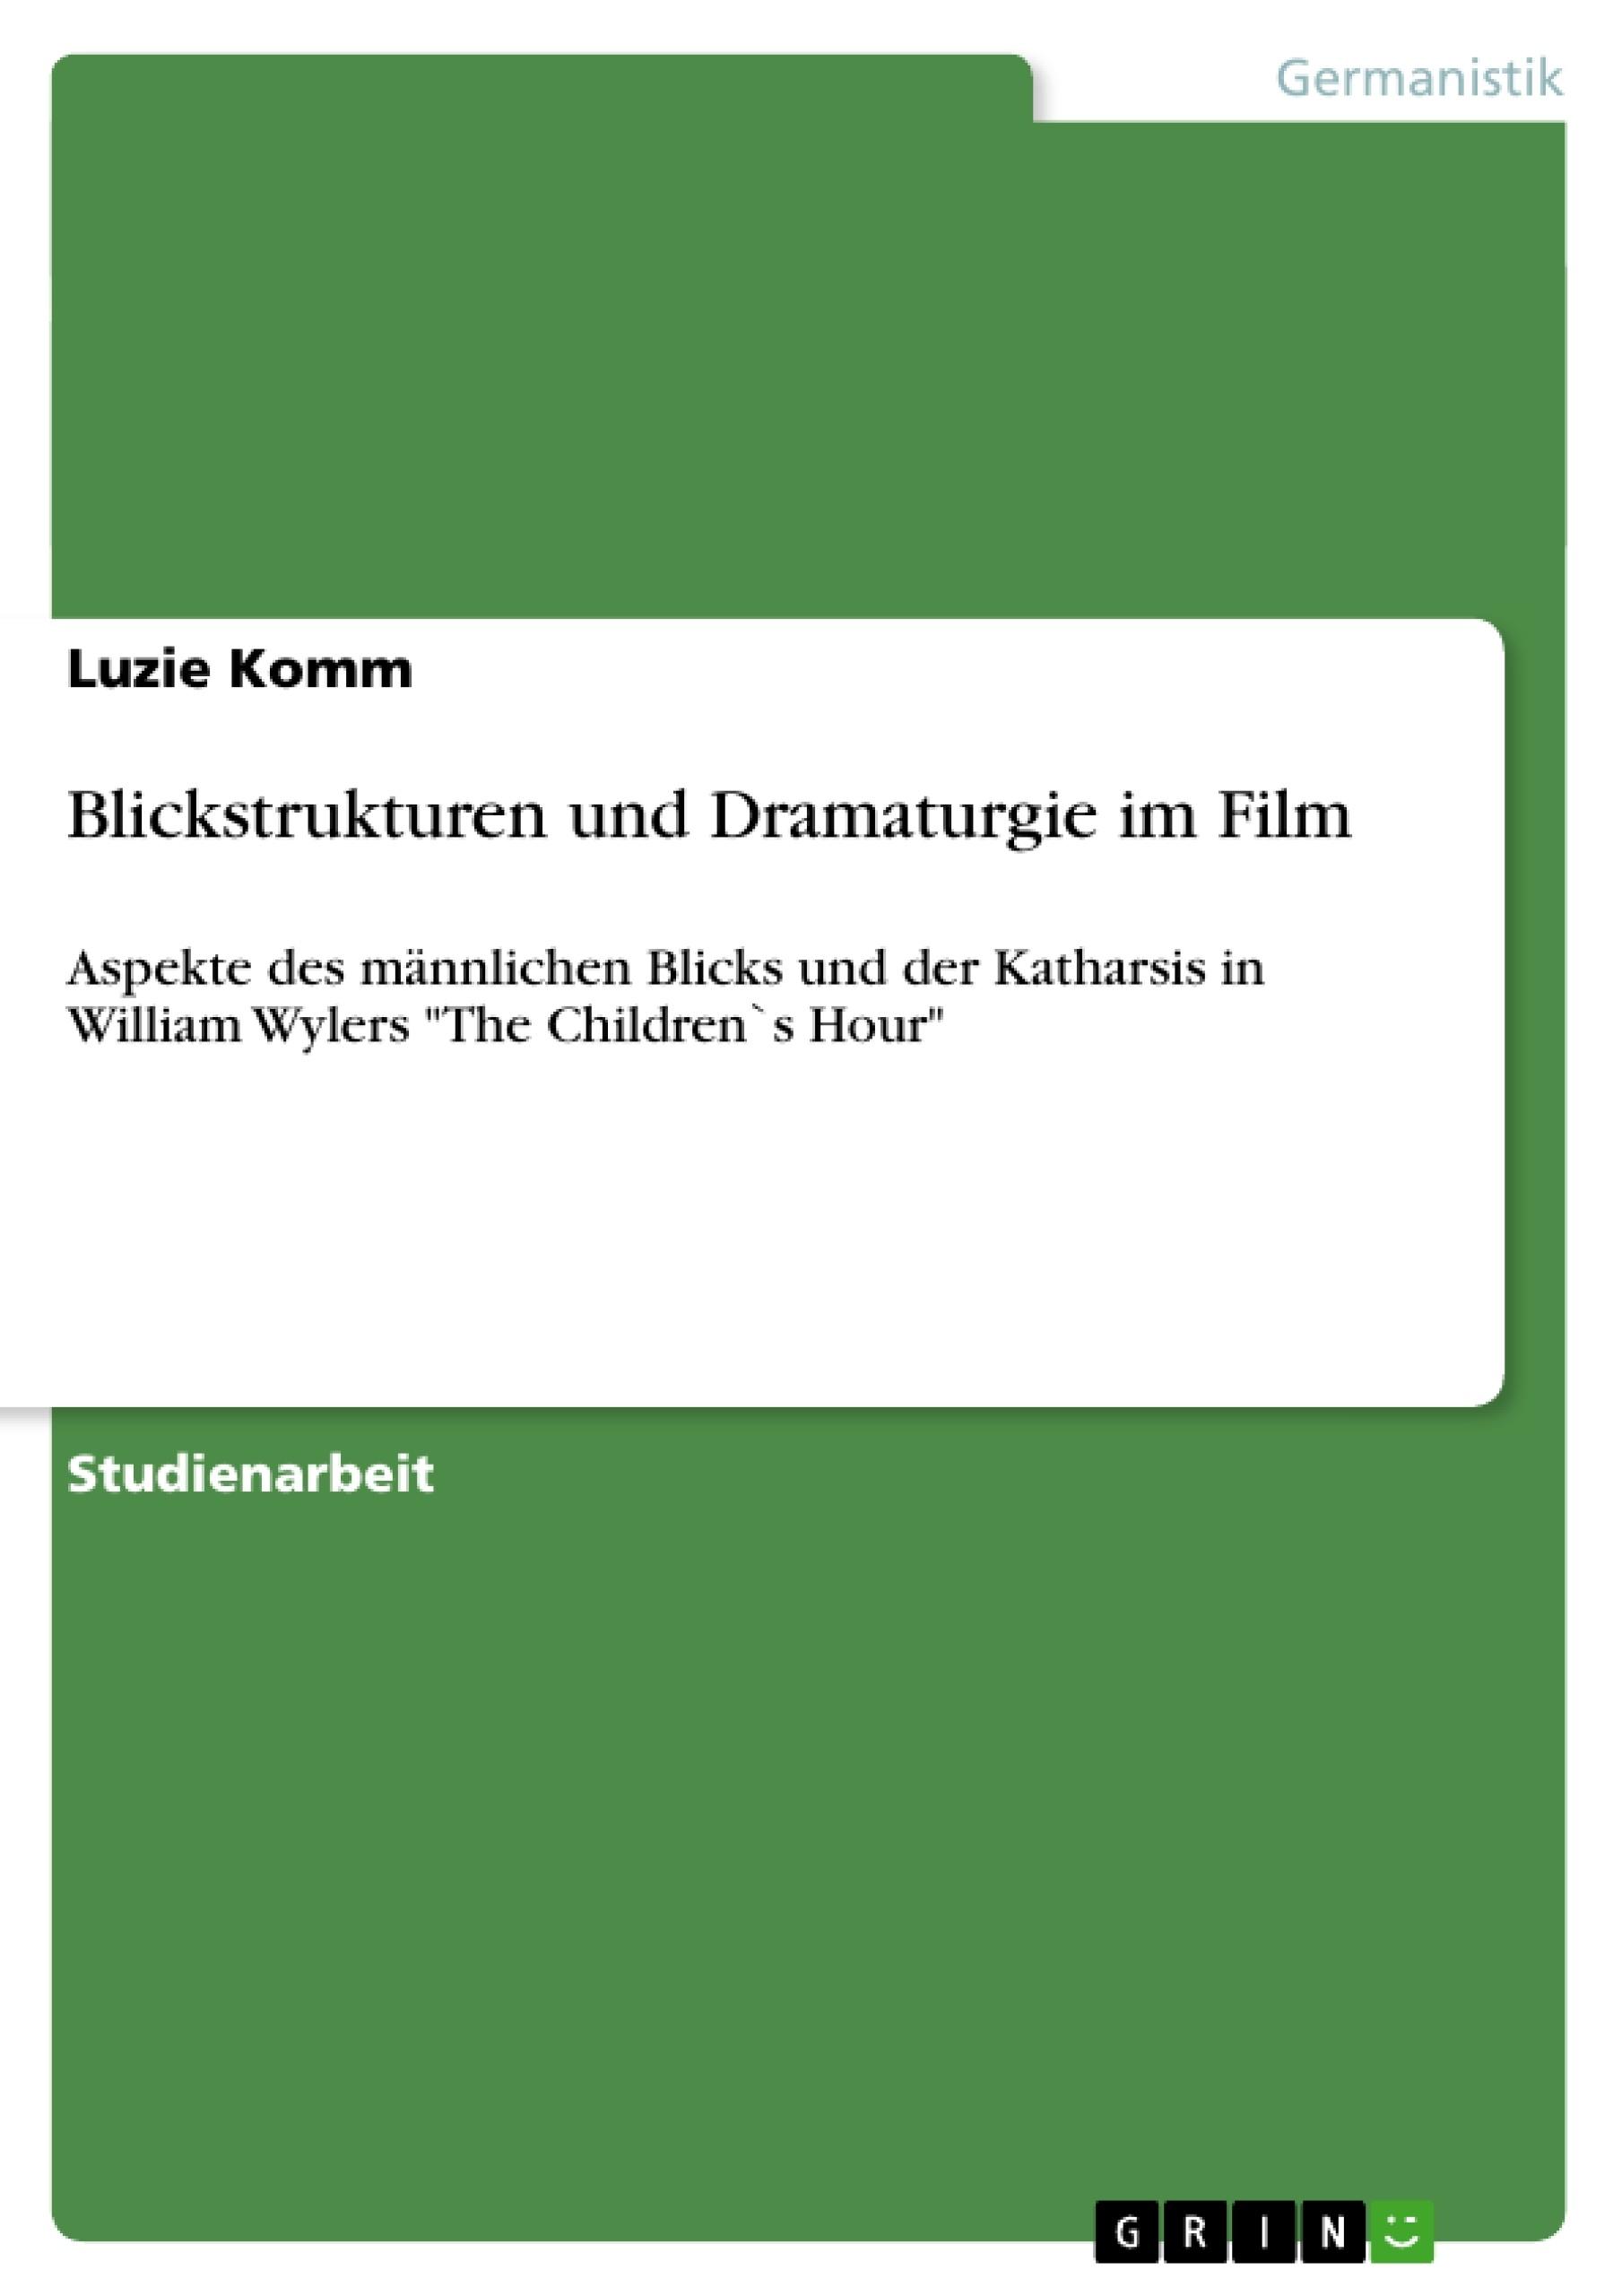 Titel: Blickstrukturen und Dramaturgie im Film